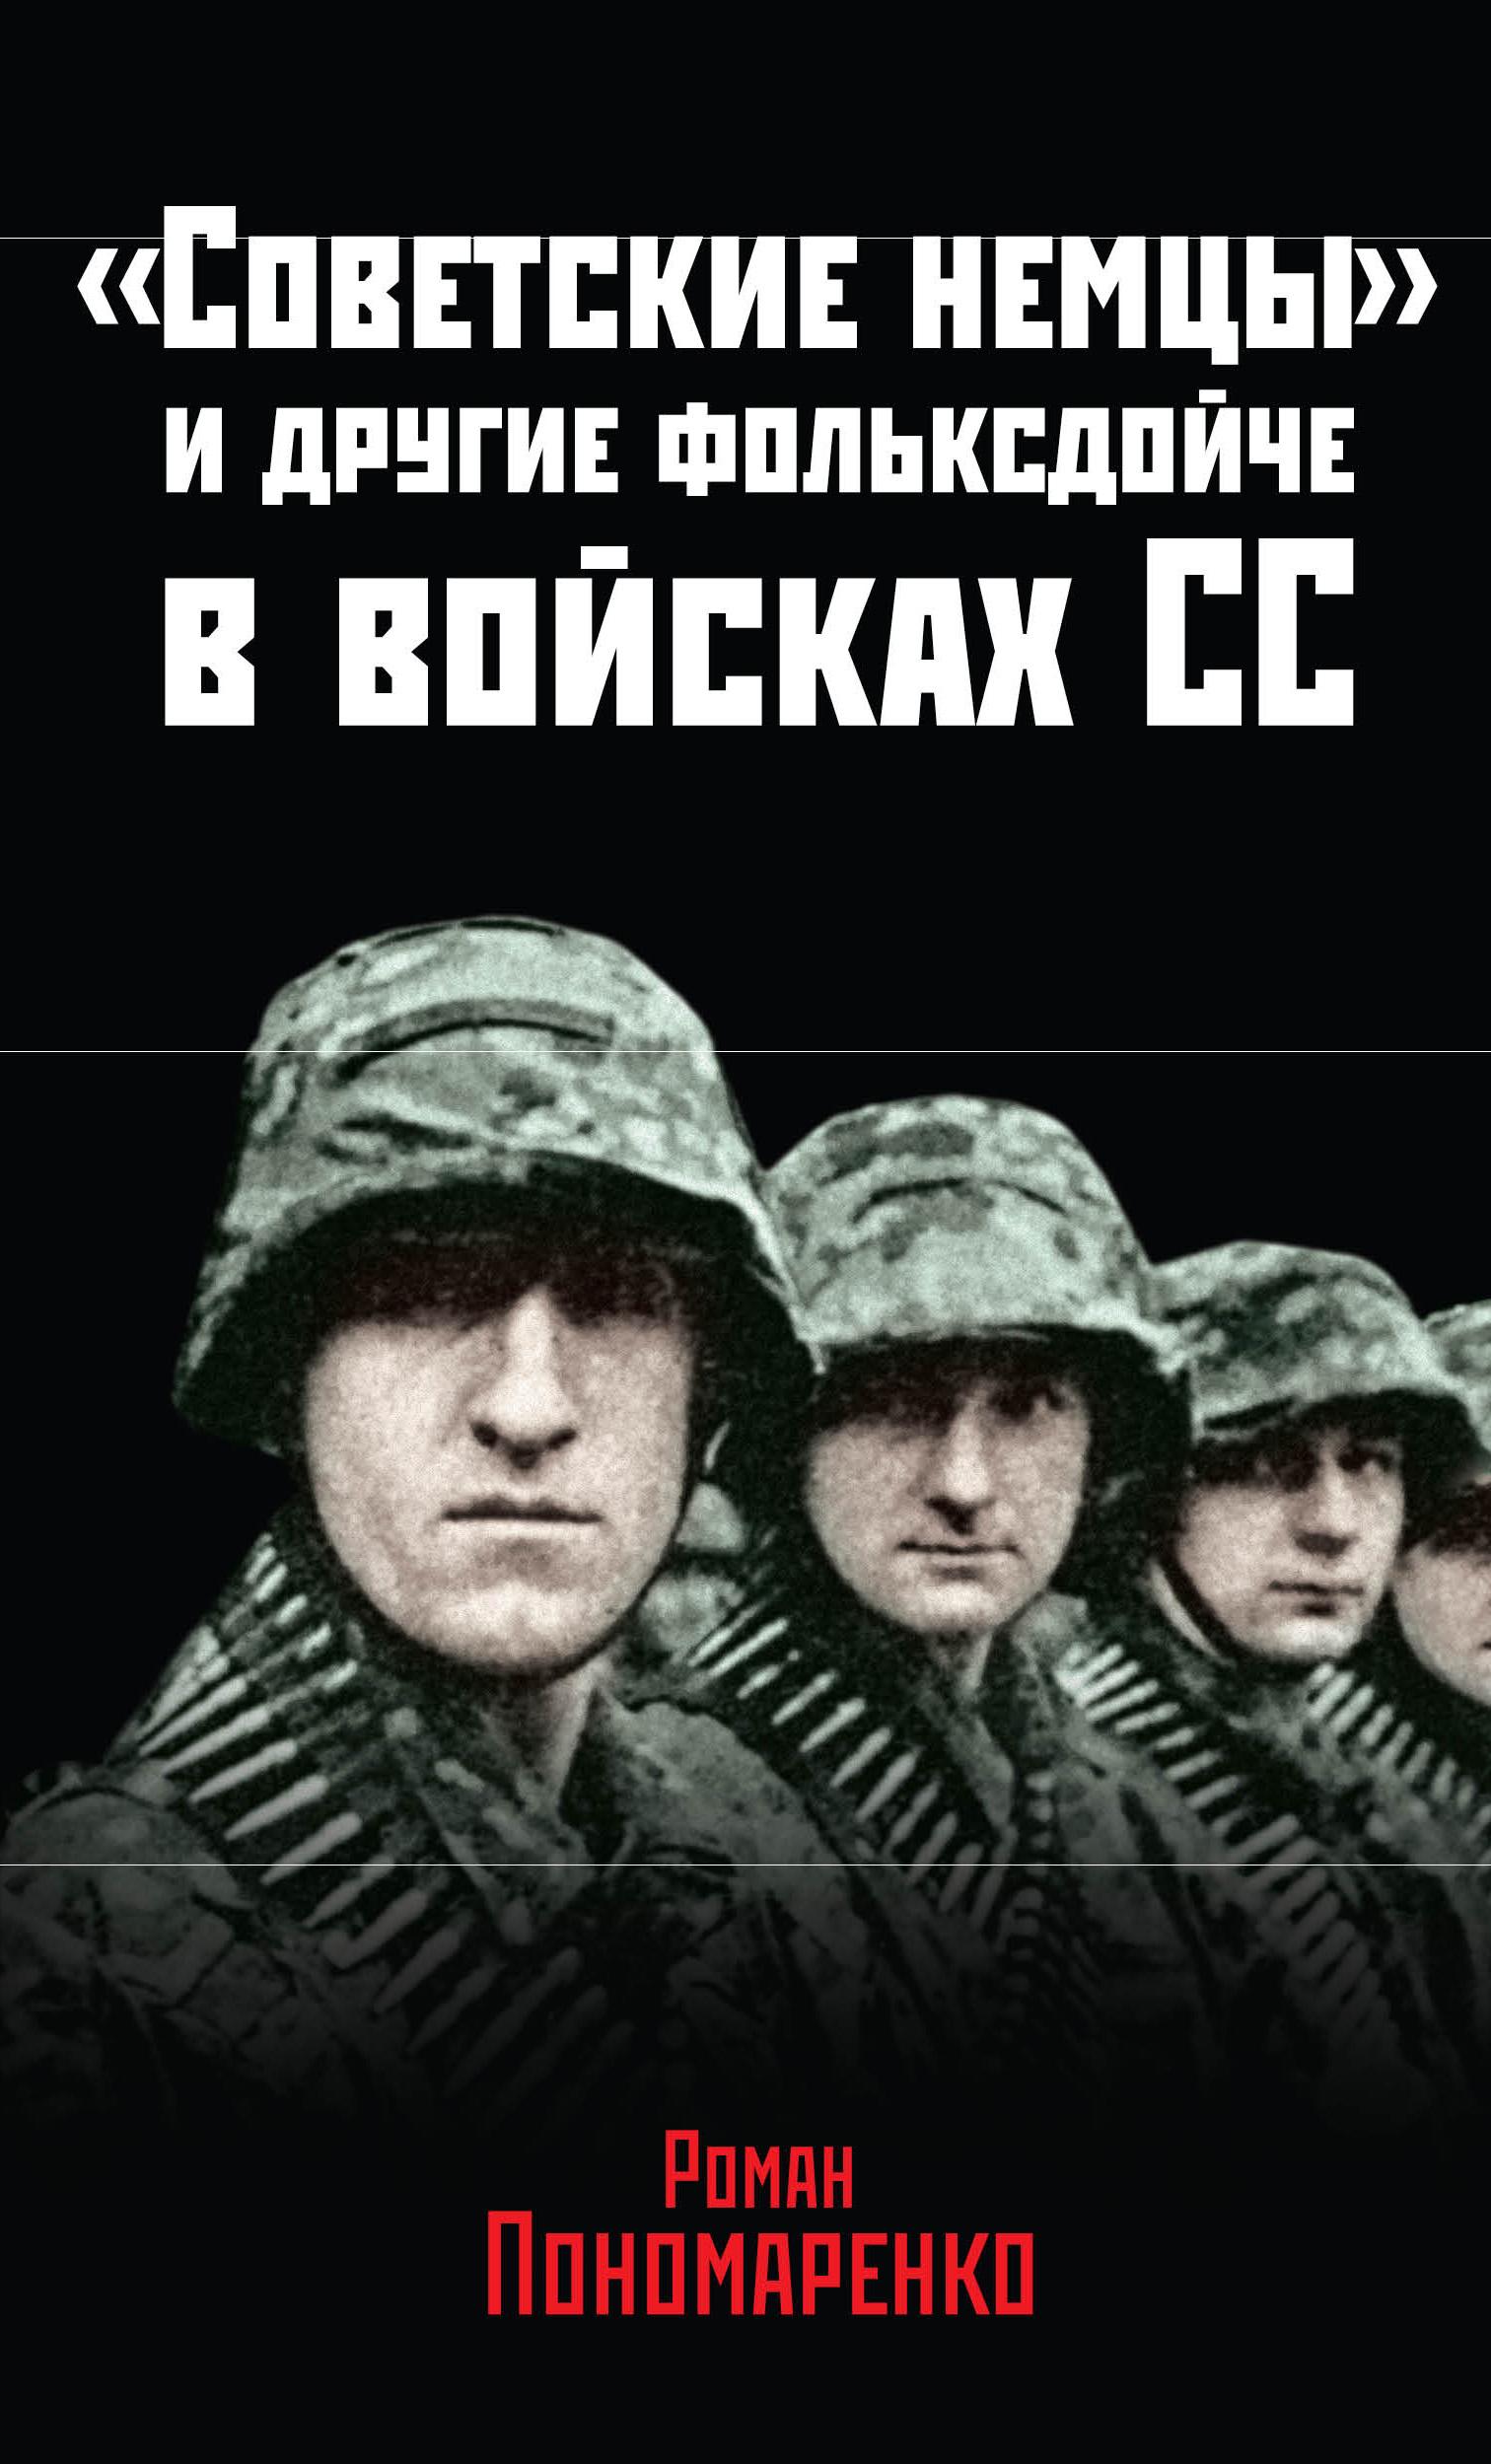 Роман Пономаренко «Советские немцы» и другие фольксдойче в войсках СС lewerken kombinations waffen